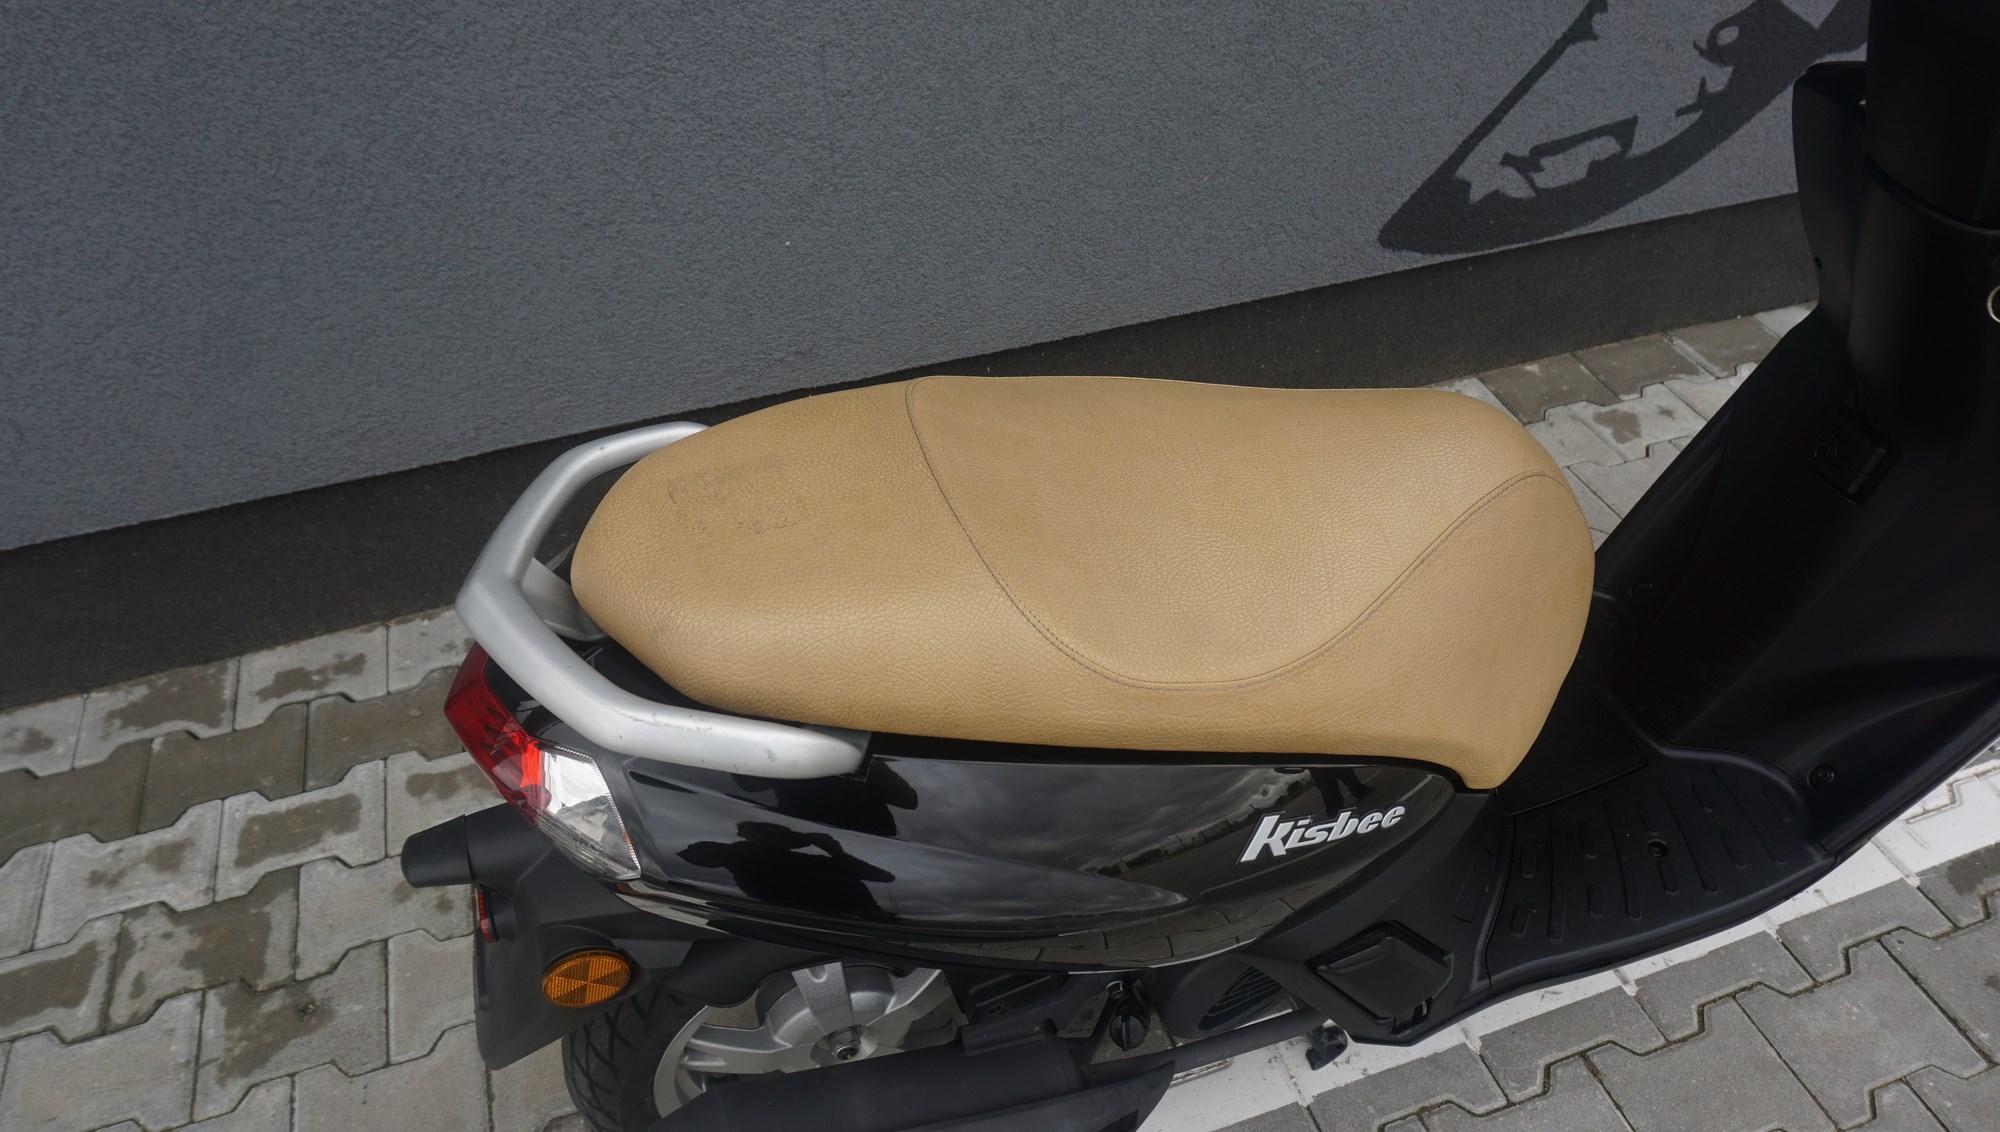 Peugeot Kisbee 50